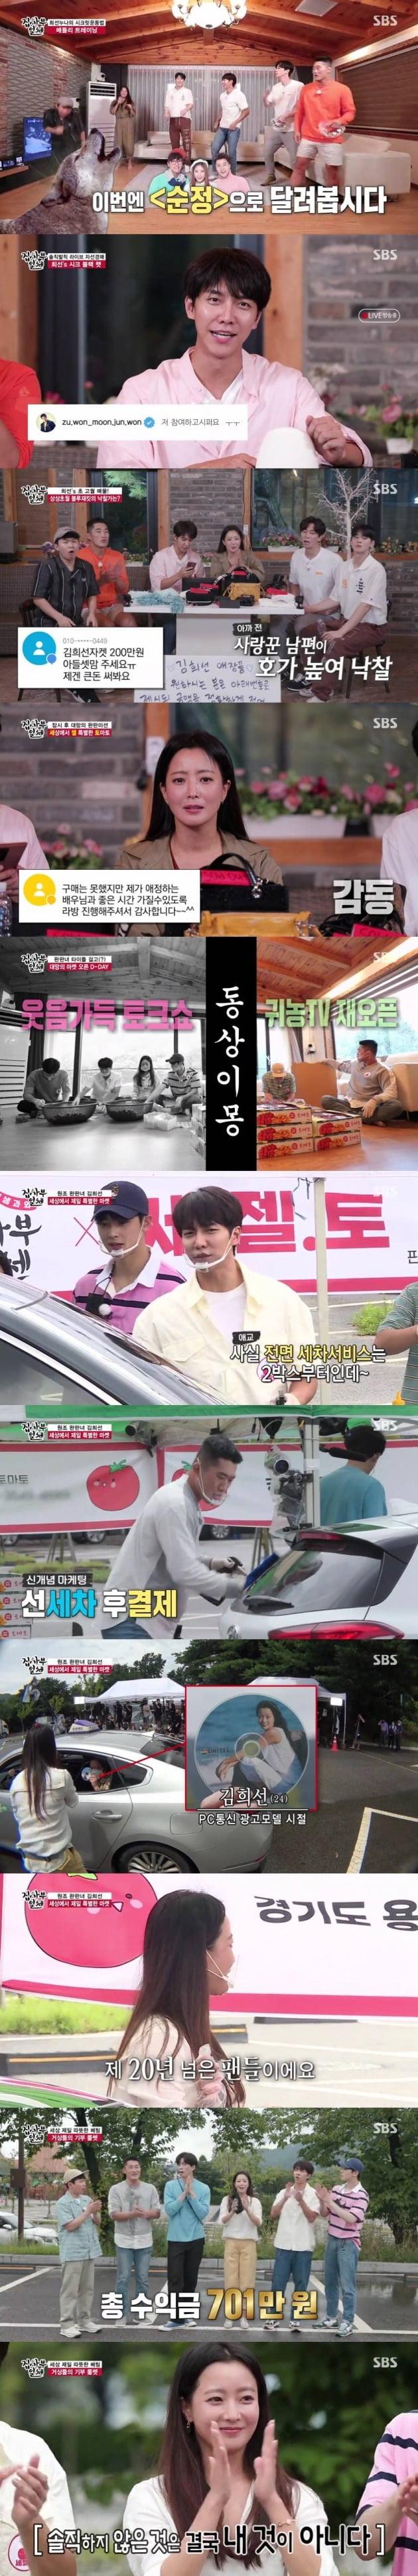 '집사부일체' 김희선과 멤버들이 뜻깊은 나눔에 함께했다. / 사진제공=SBS